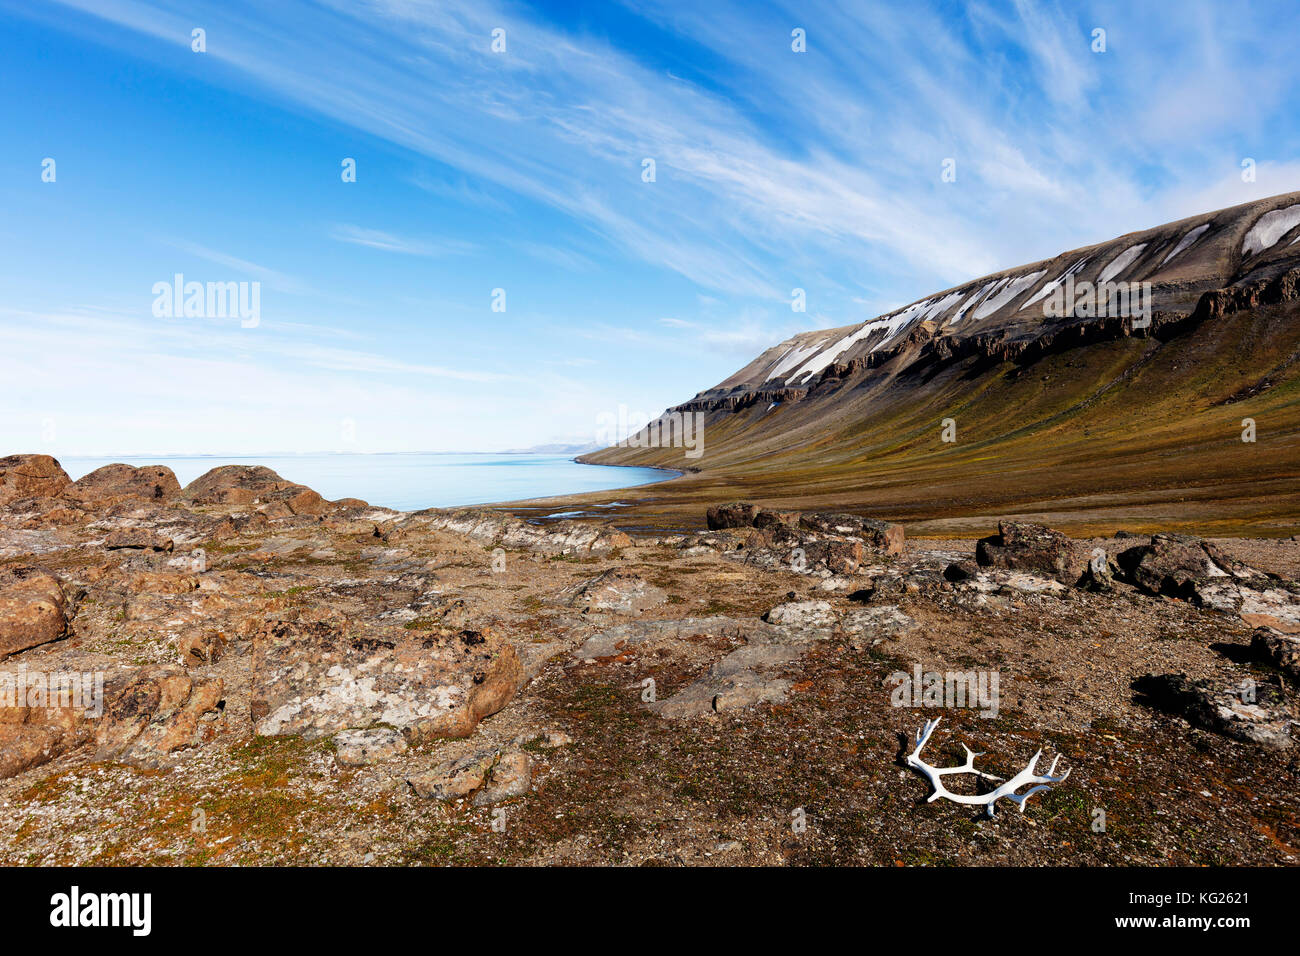 Moulted Reindeer antlers, Kapp Lee, Spitsbergen, Svalbard, Arctic, Norway, Europe - Stock Image